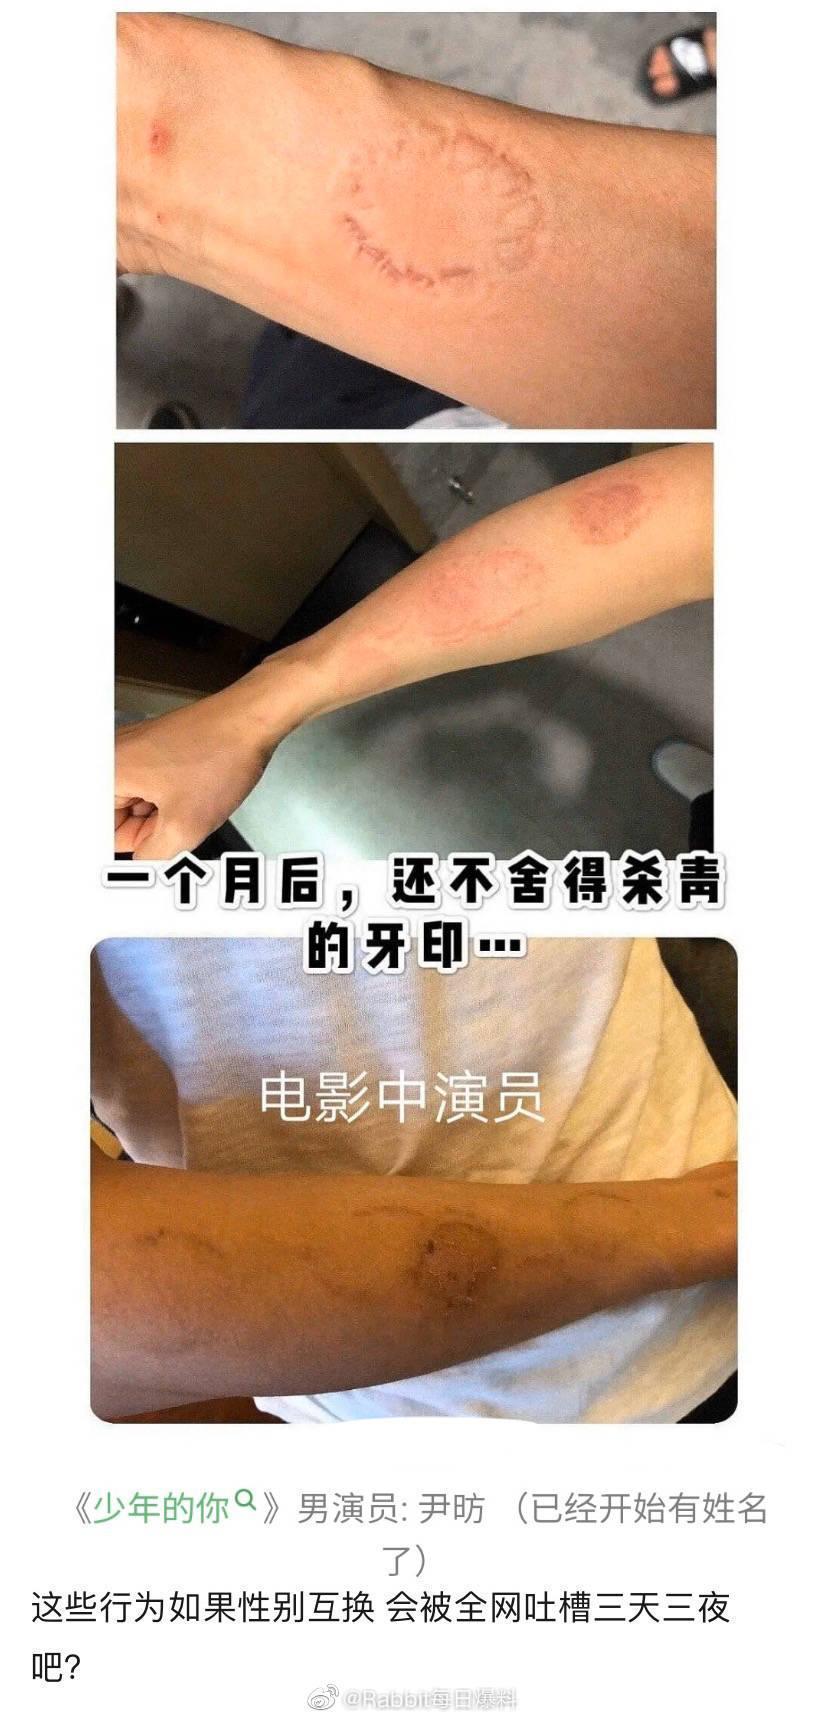 周冬雨拍《少年的你》時因劇情需要咬了同片演員的手臂,事隔一個月痕跡依舊存在。(翻攝自Rabbit每日爆料微博)